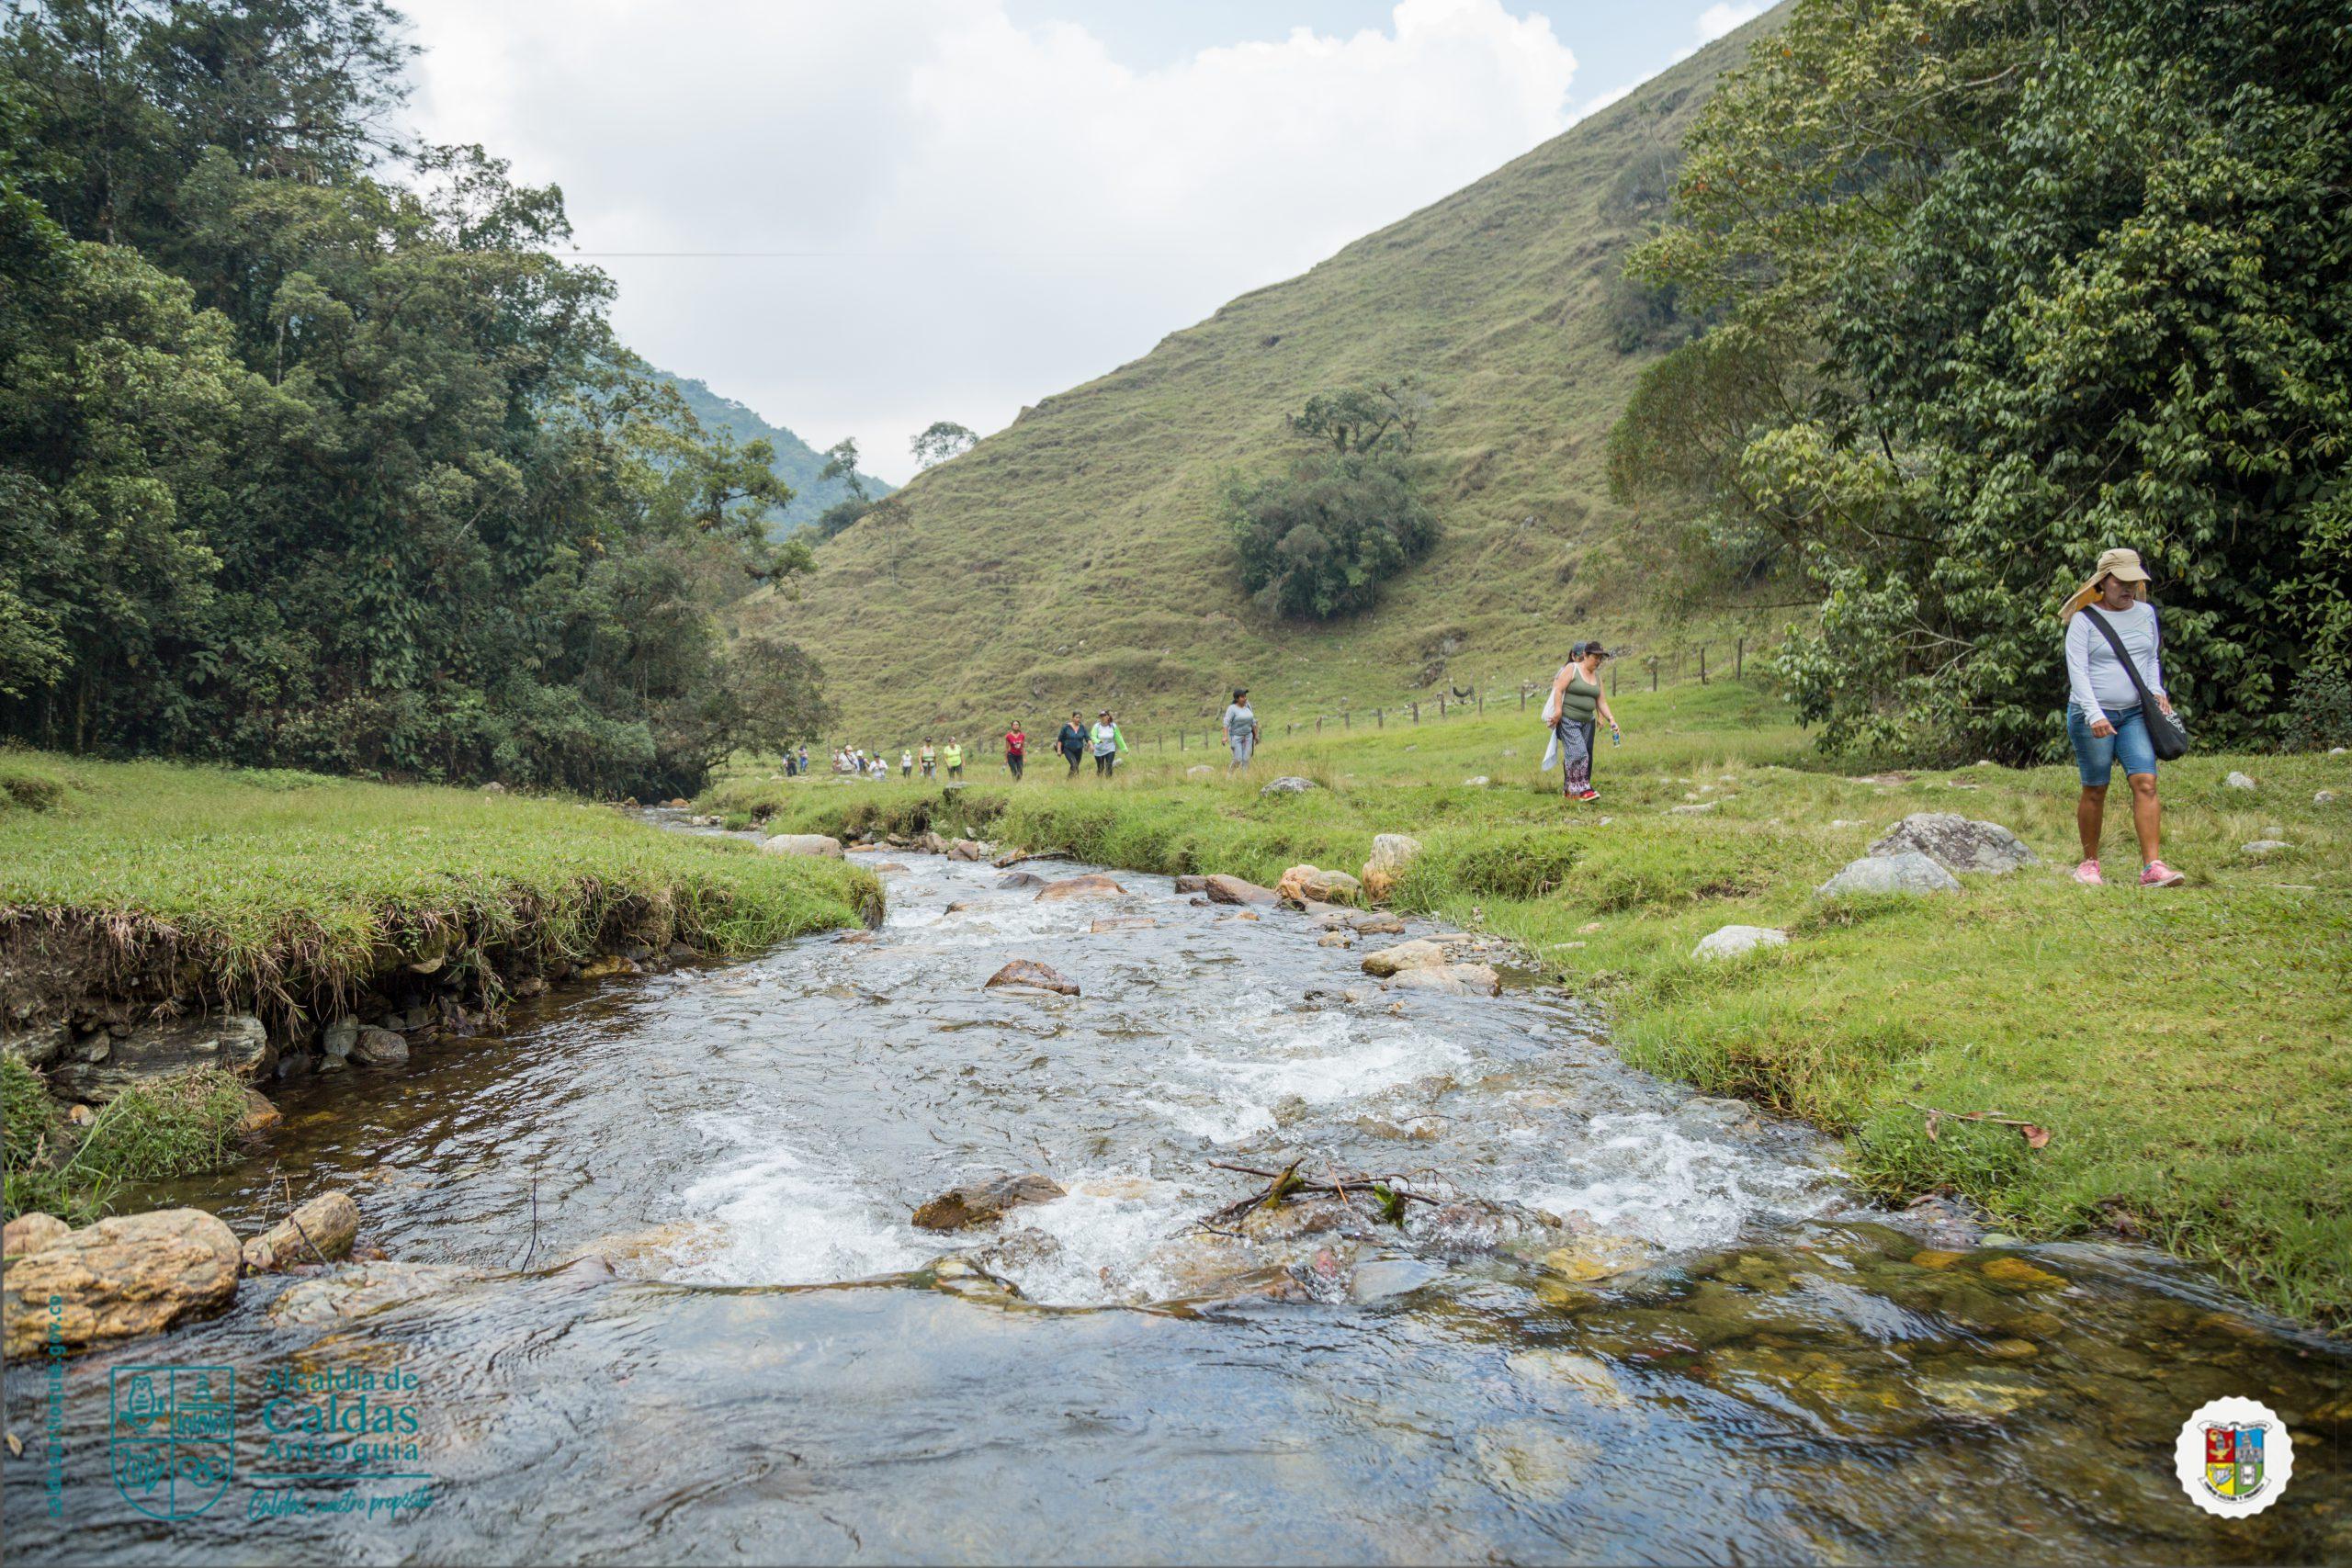 Paisaje, río, montañas y personas recorriendo un camino